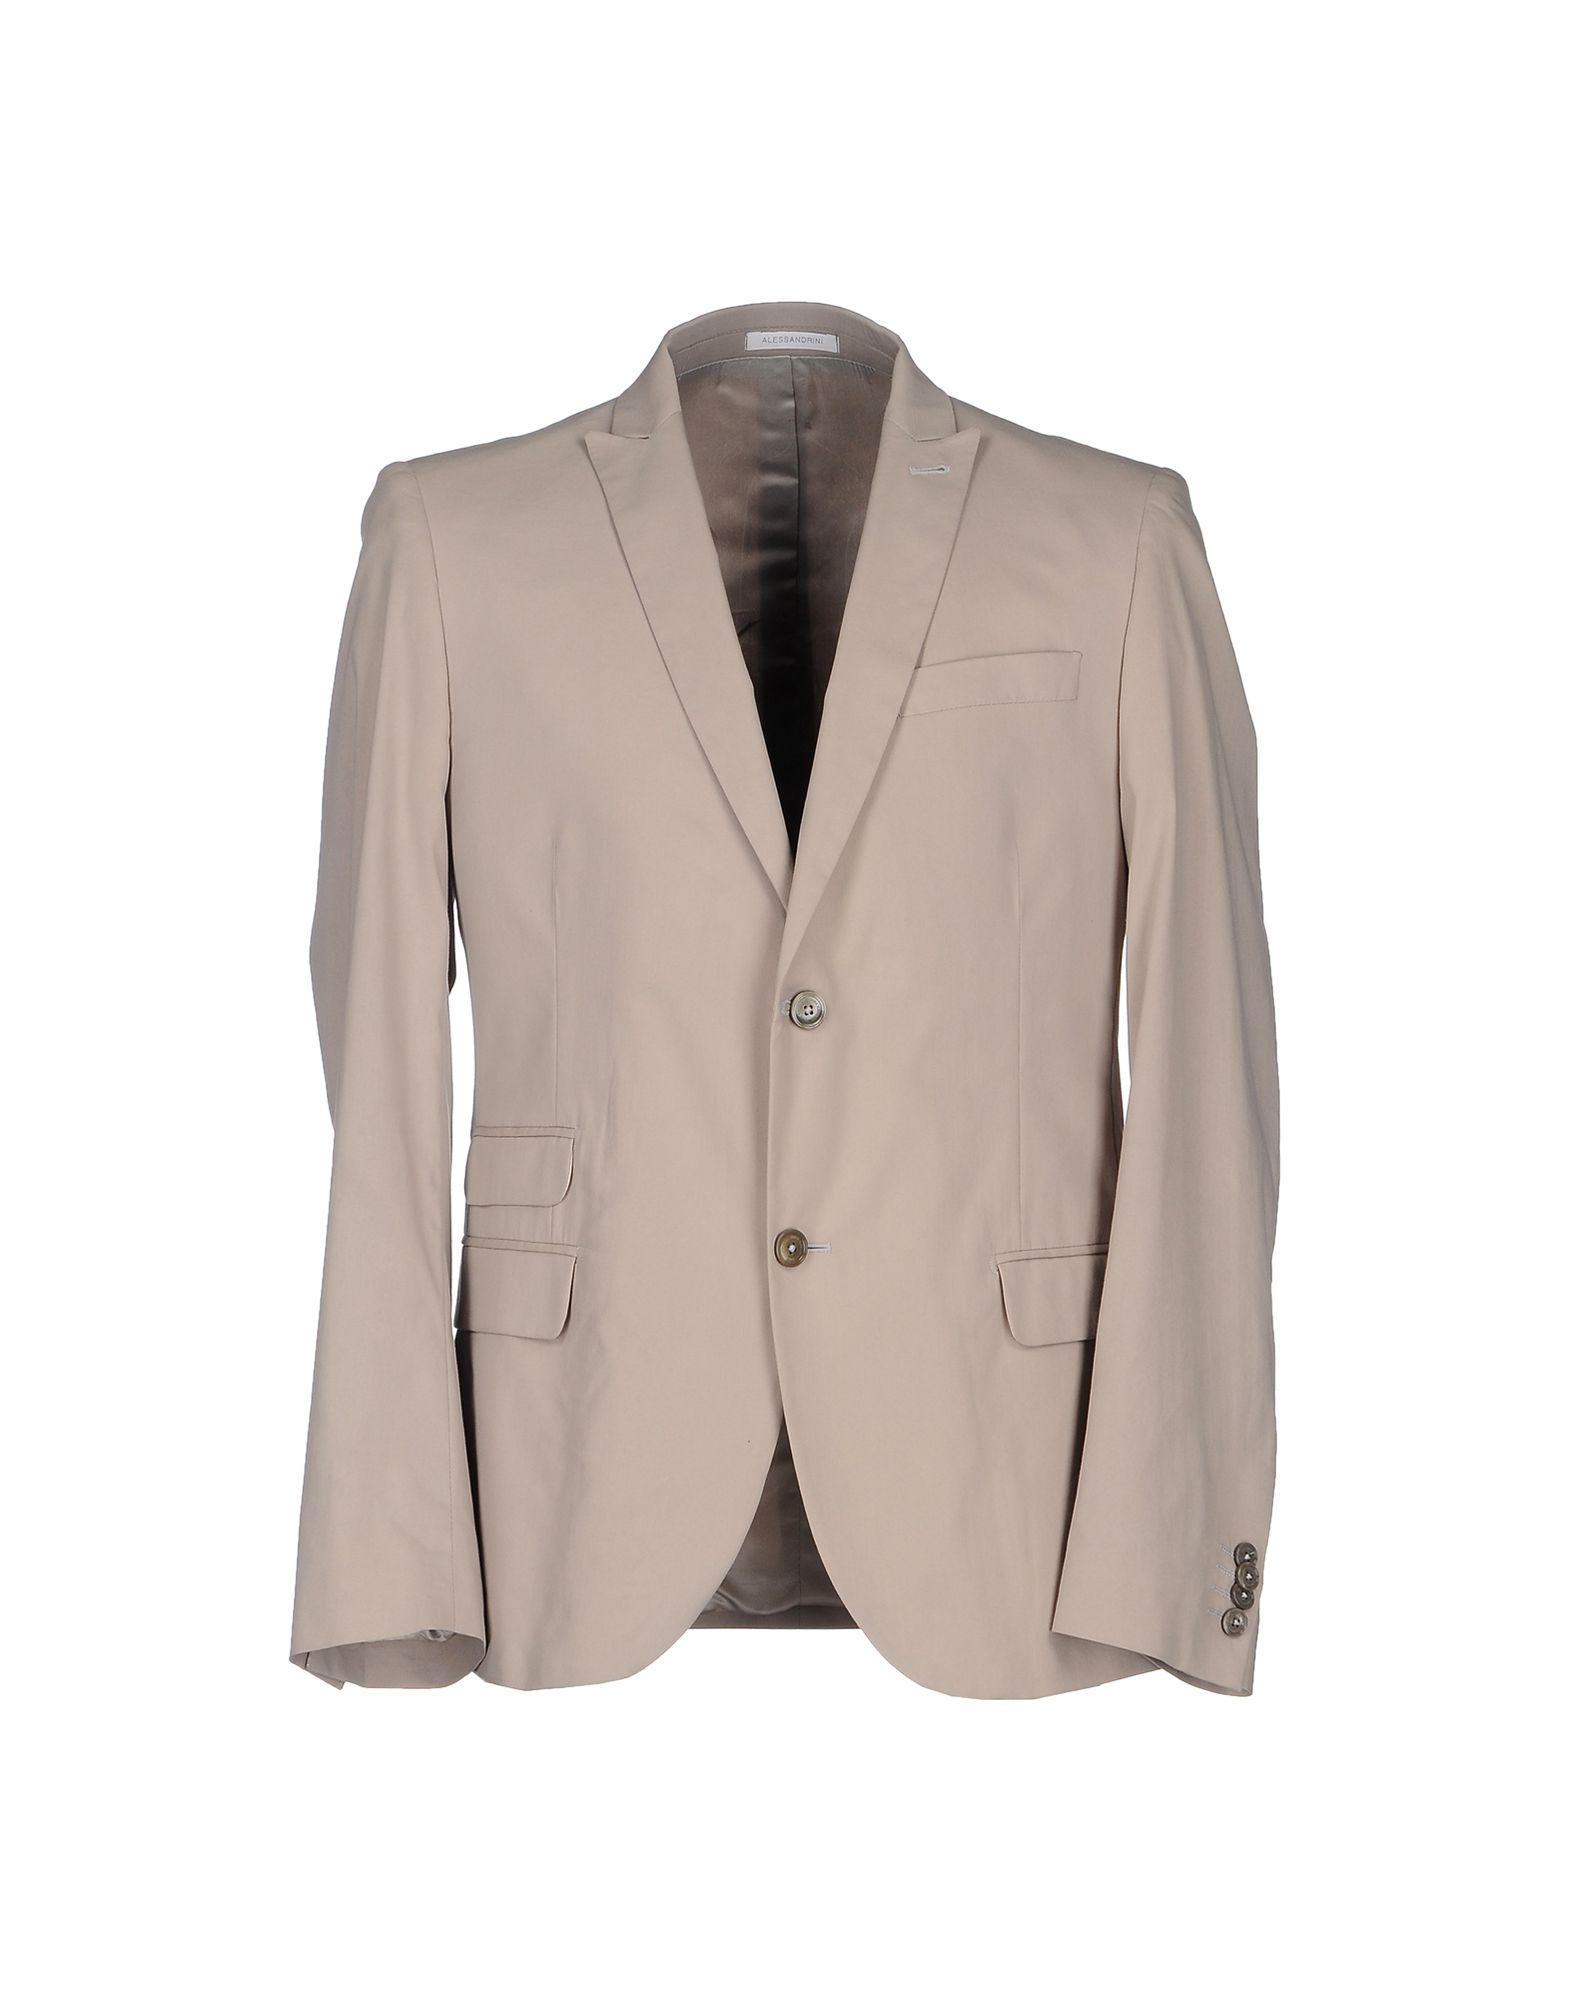 DANIELE ALESSANDRINI HOMME Пиджак пиджак костюм tudor homme 233y38f90